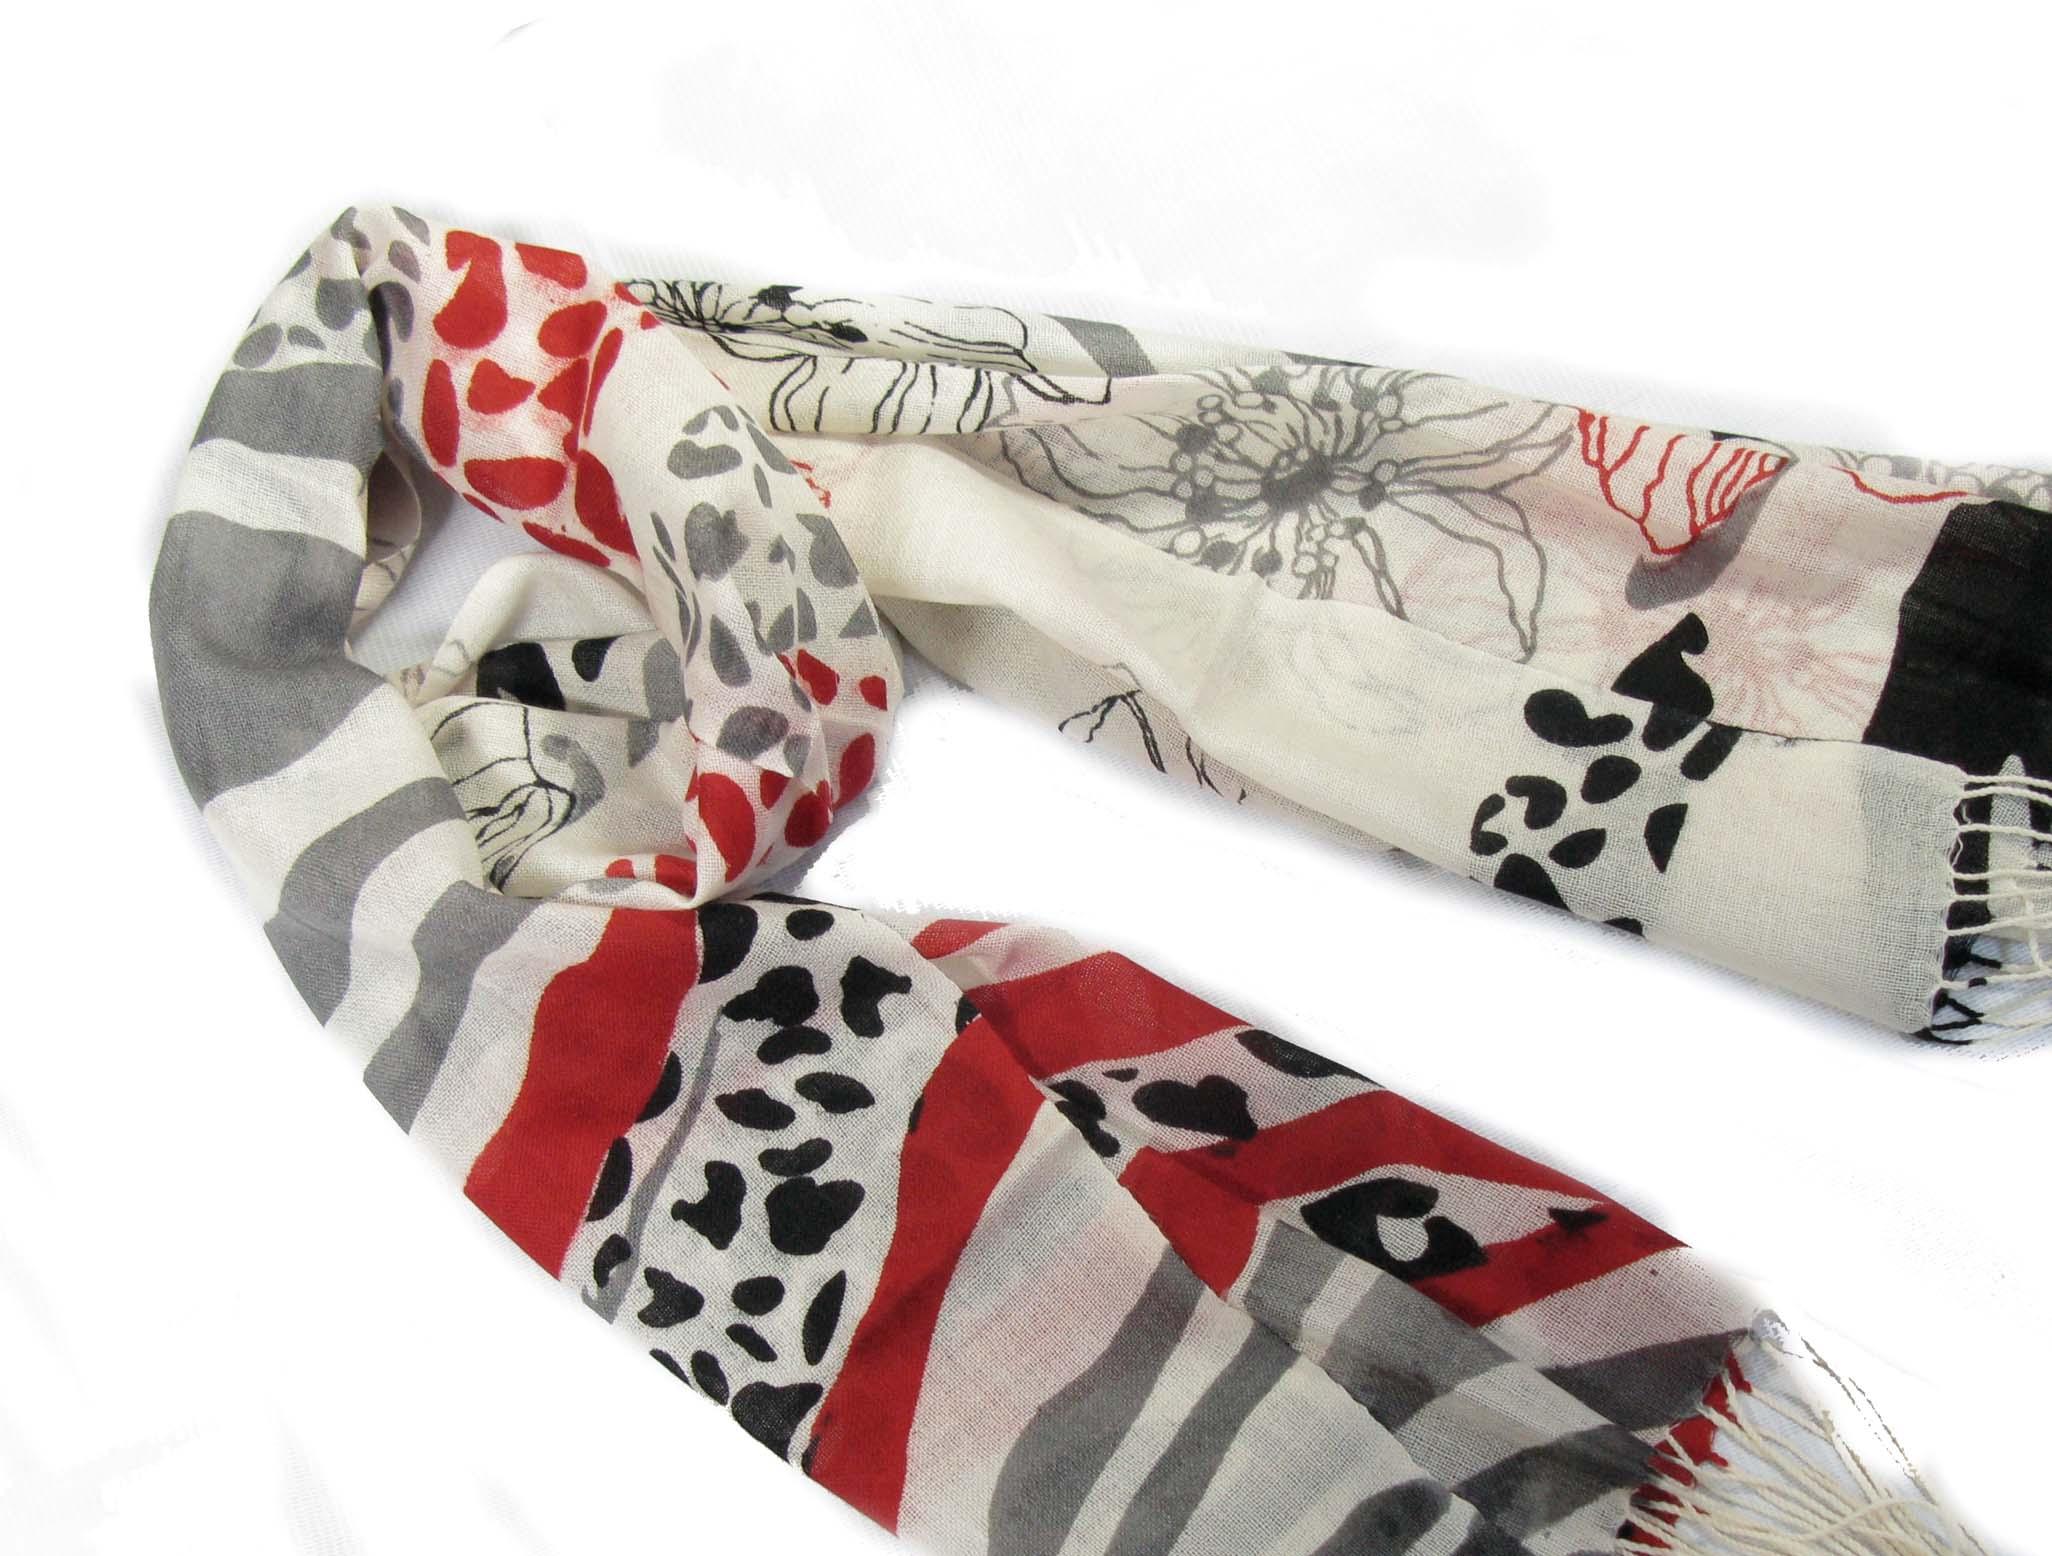 > 品牌羊毛围巾清货,全部4折,附实物燃烧测试方法,欢迎转载对比,让卖